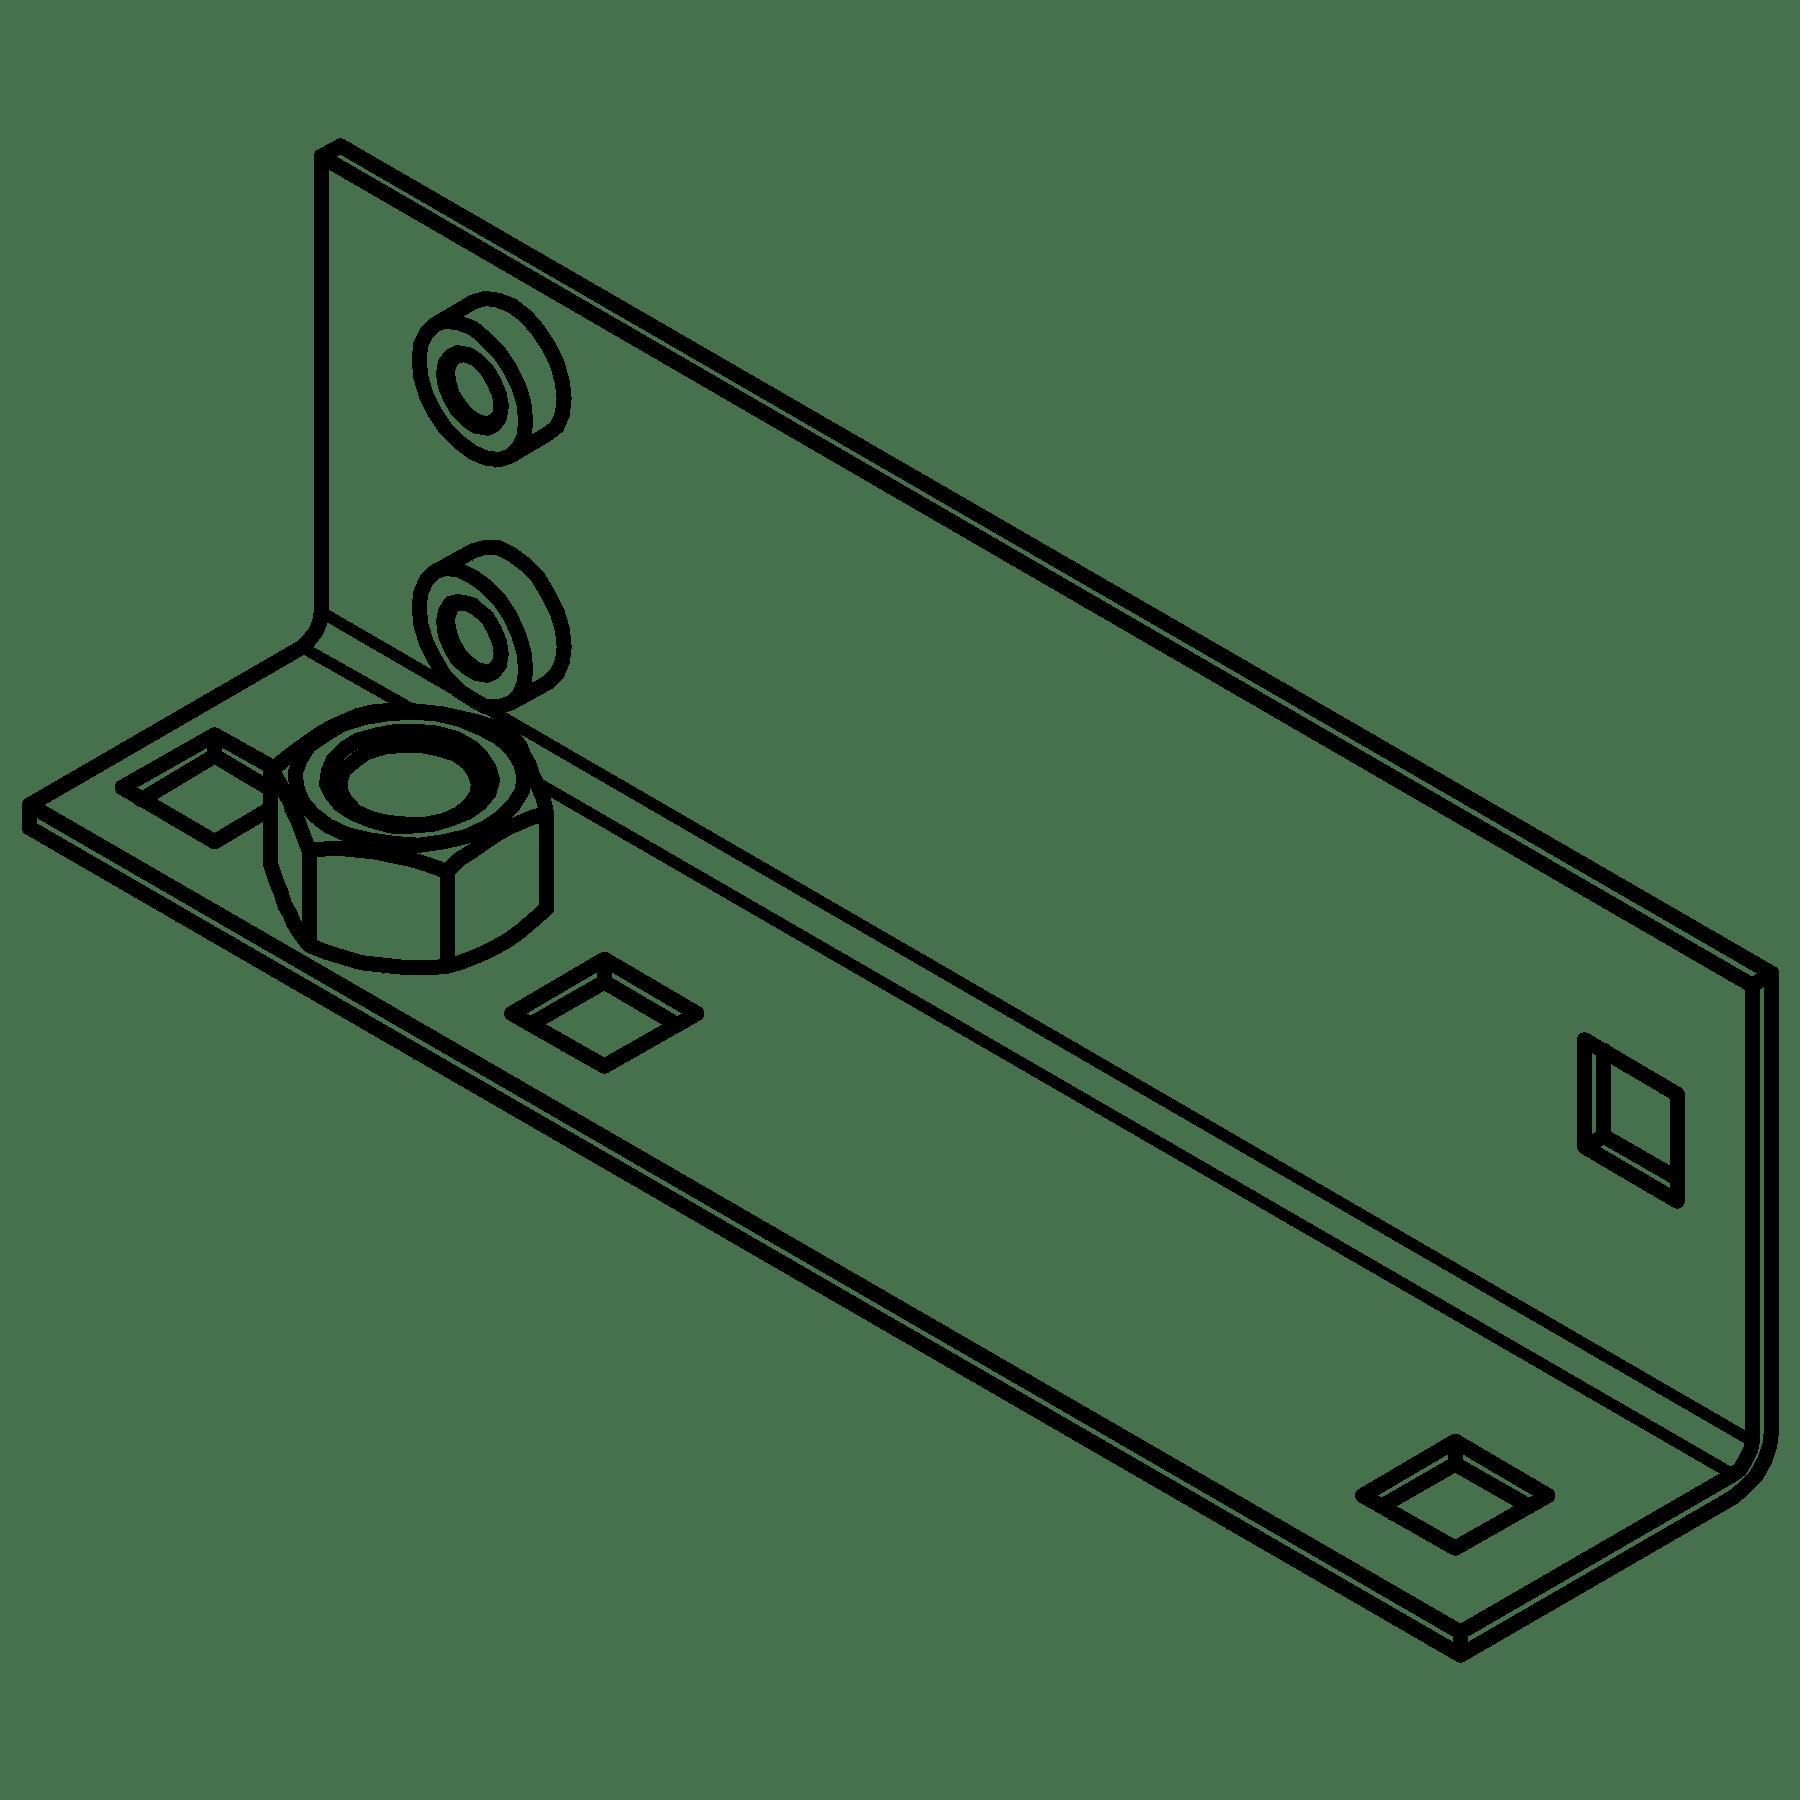 CA5630021 - MET L-bracket OPR3xx right side